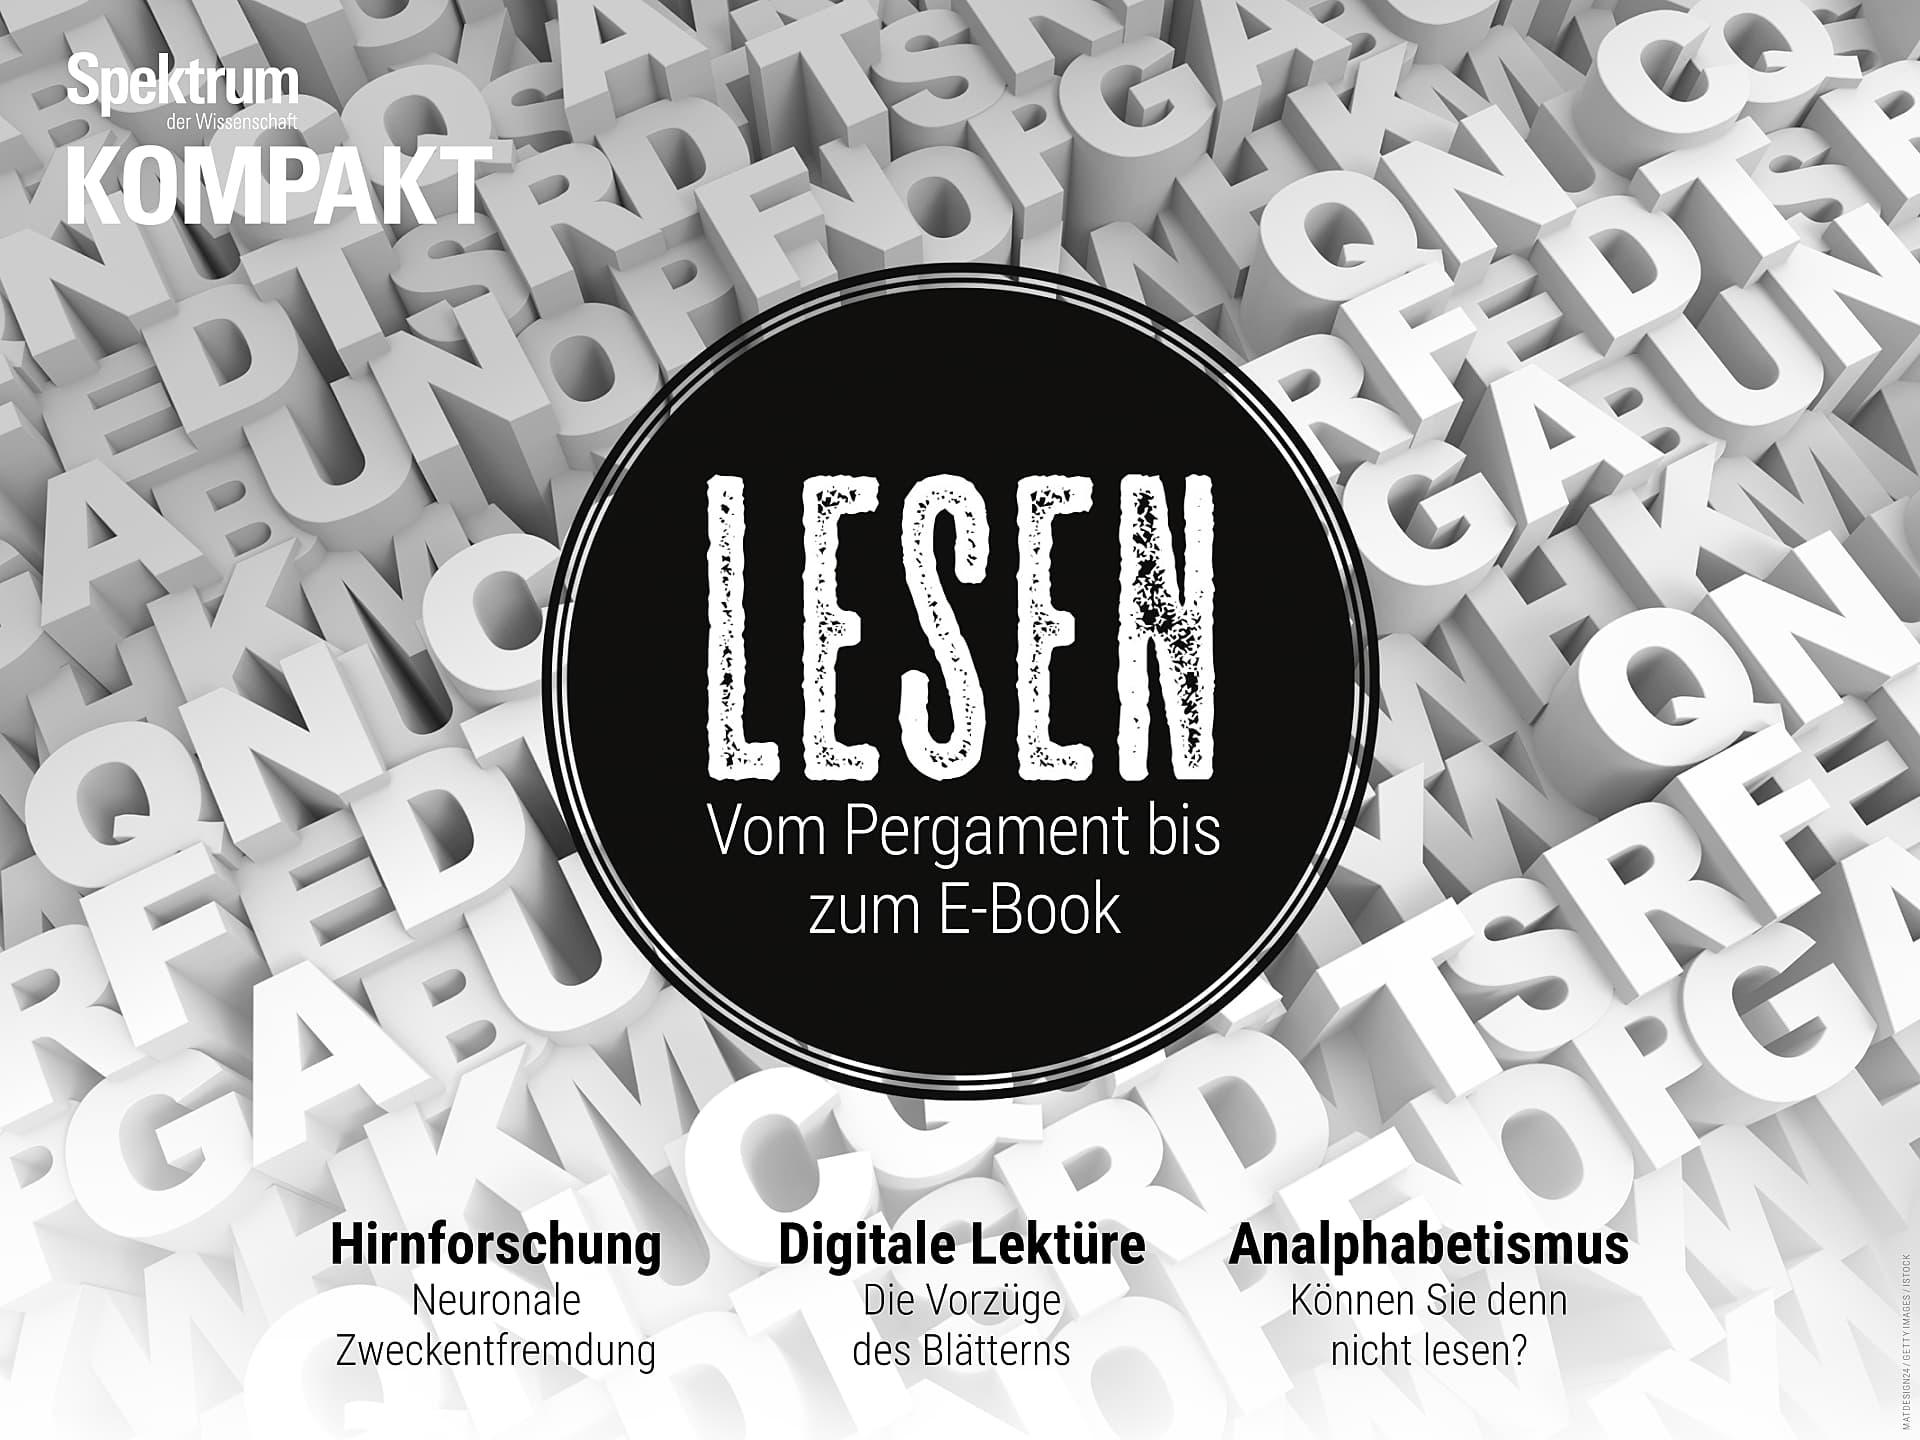 Lesen - Vom Pergament bis zum E-Book